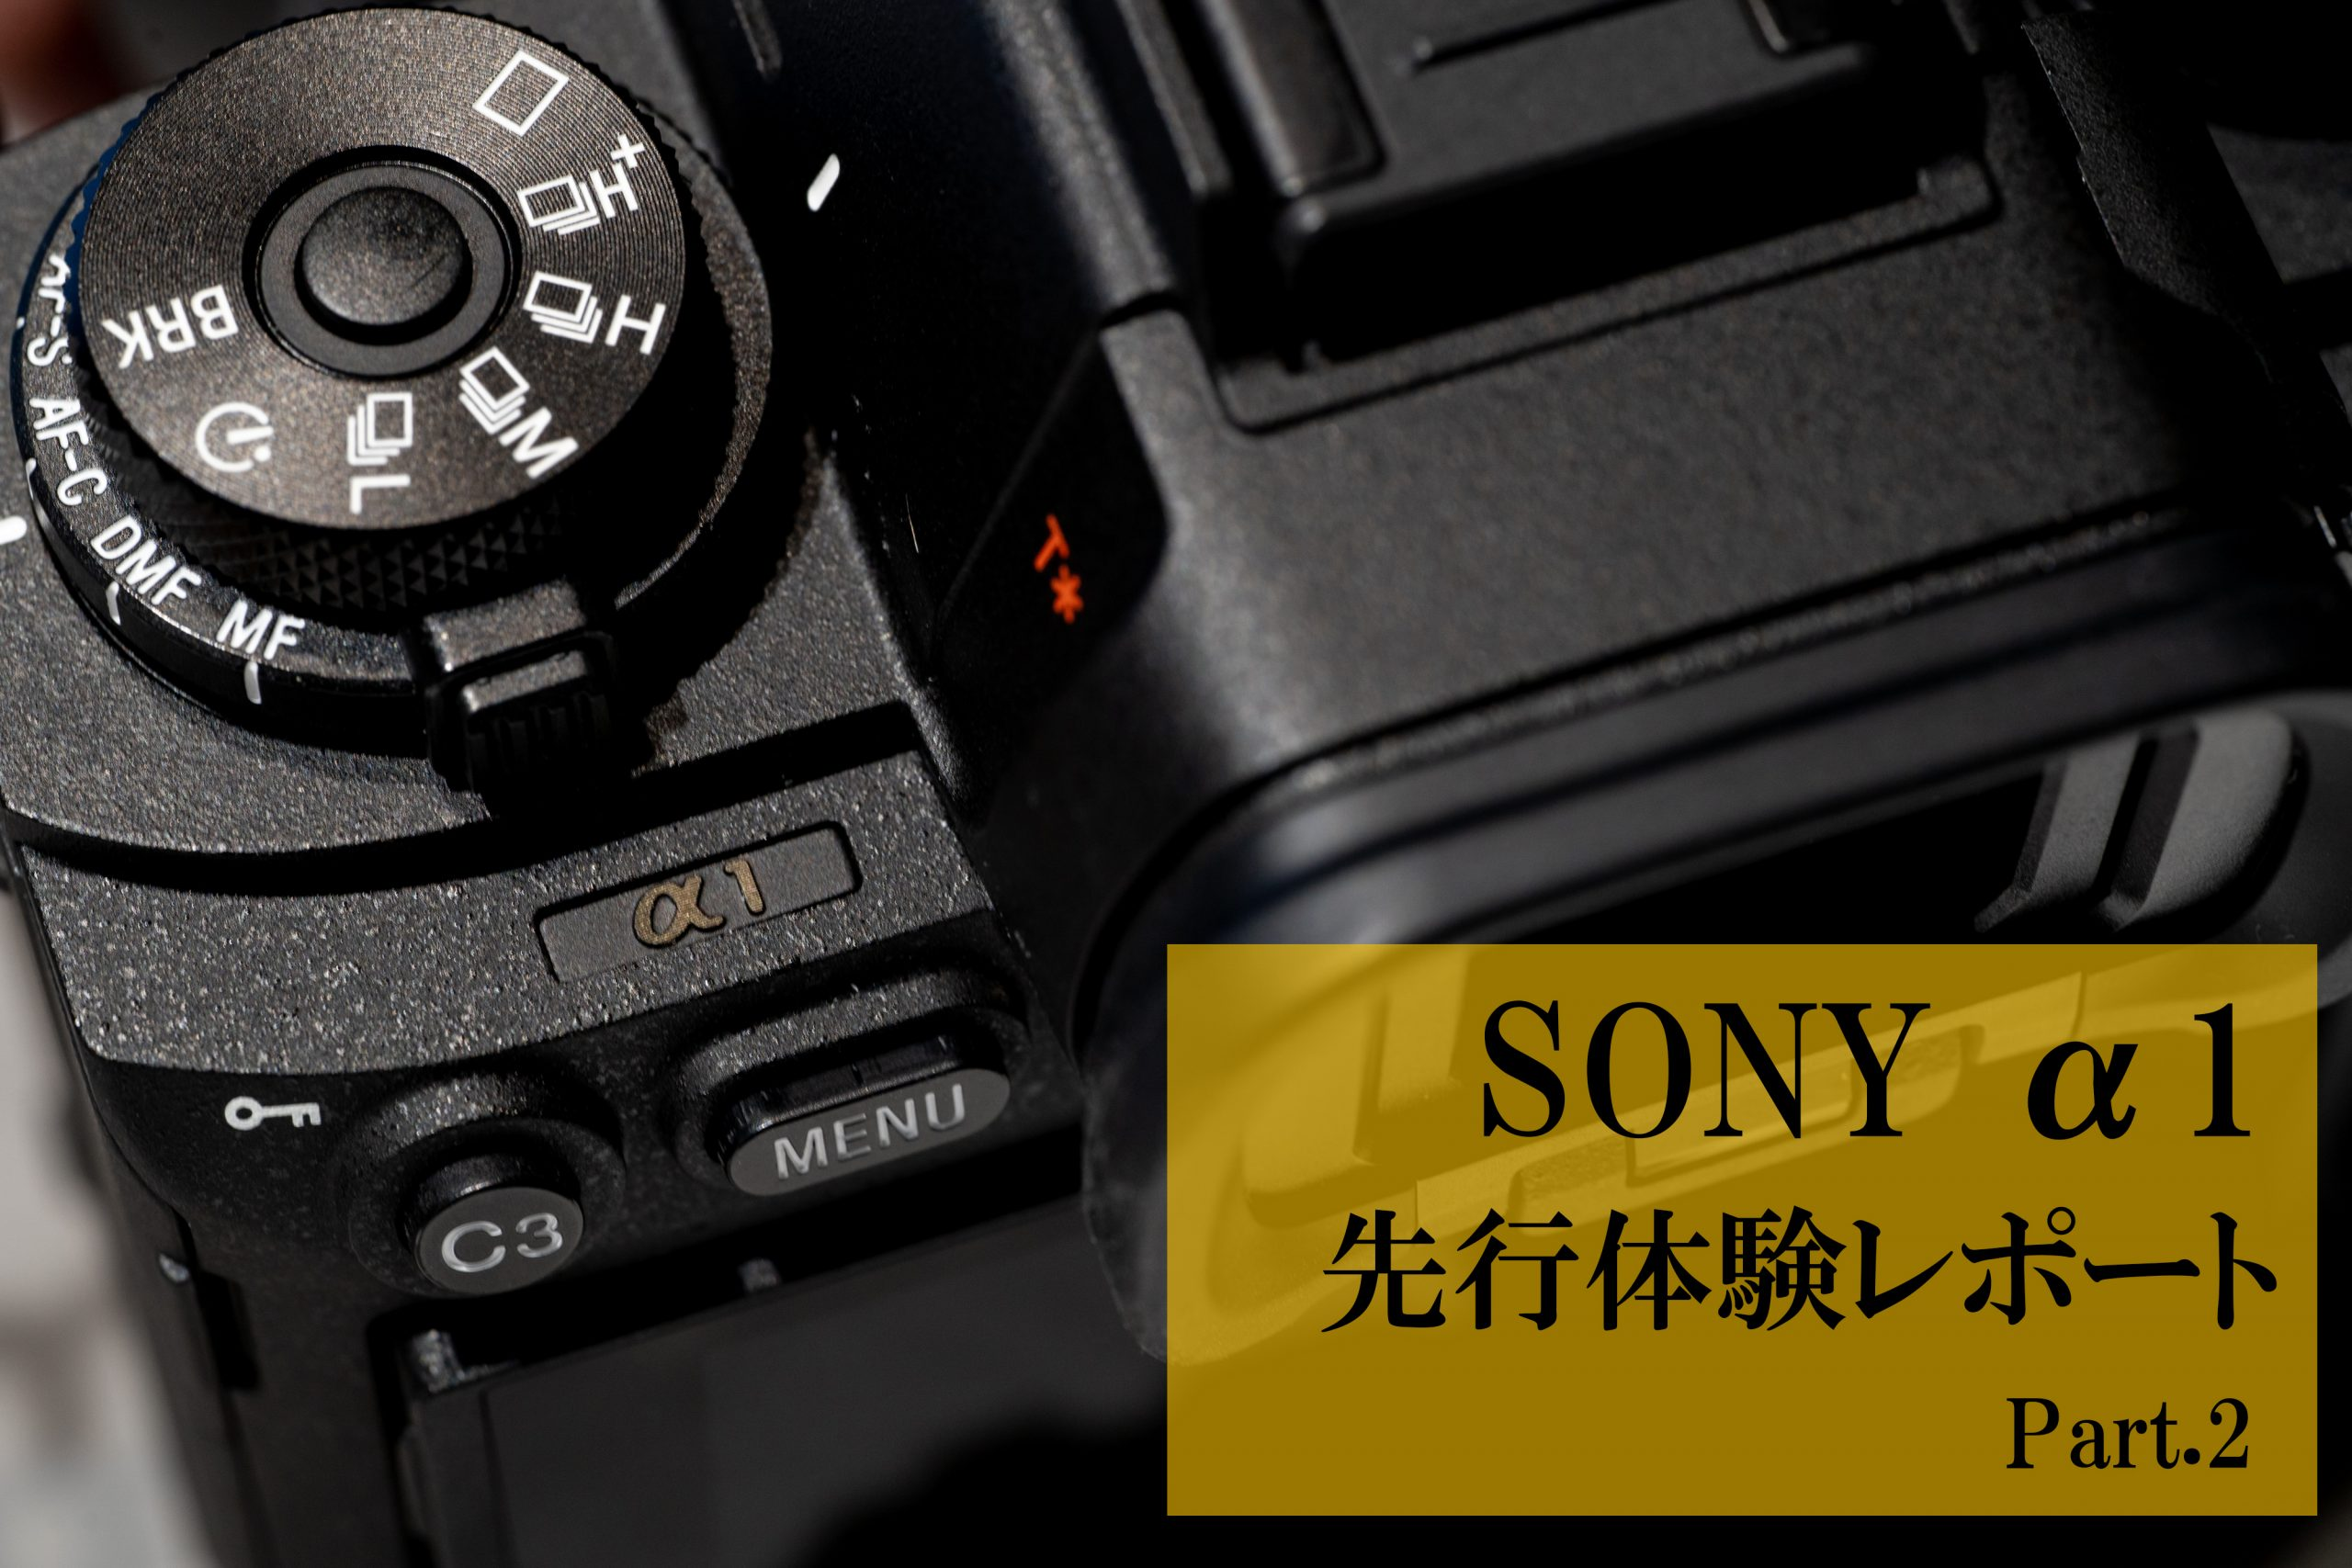 【SONY】α1 先行展示 体験レポート Part.2